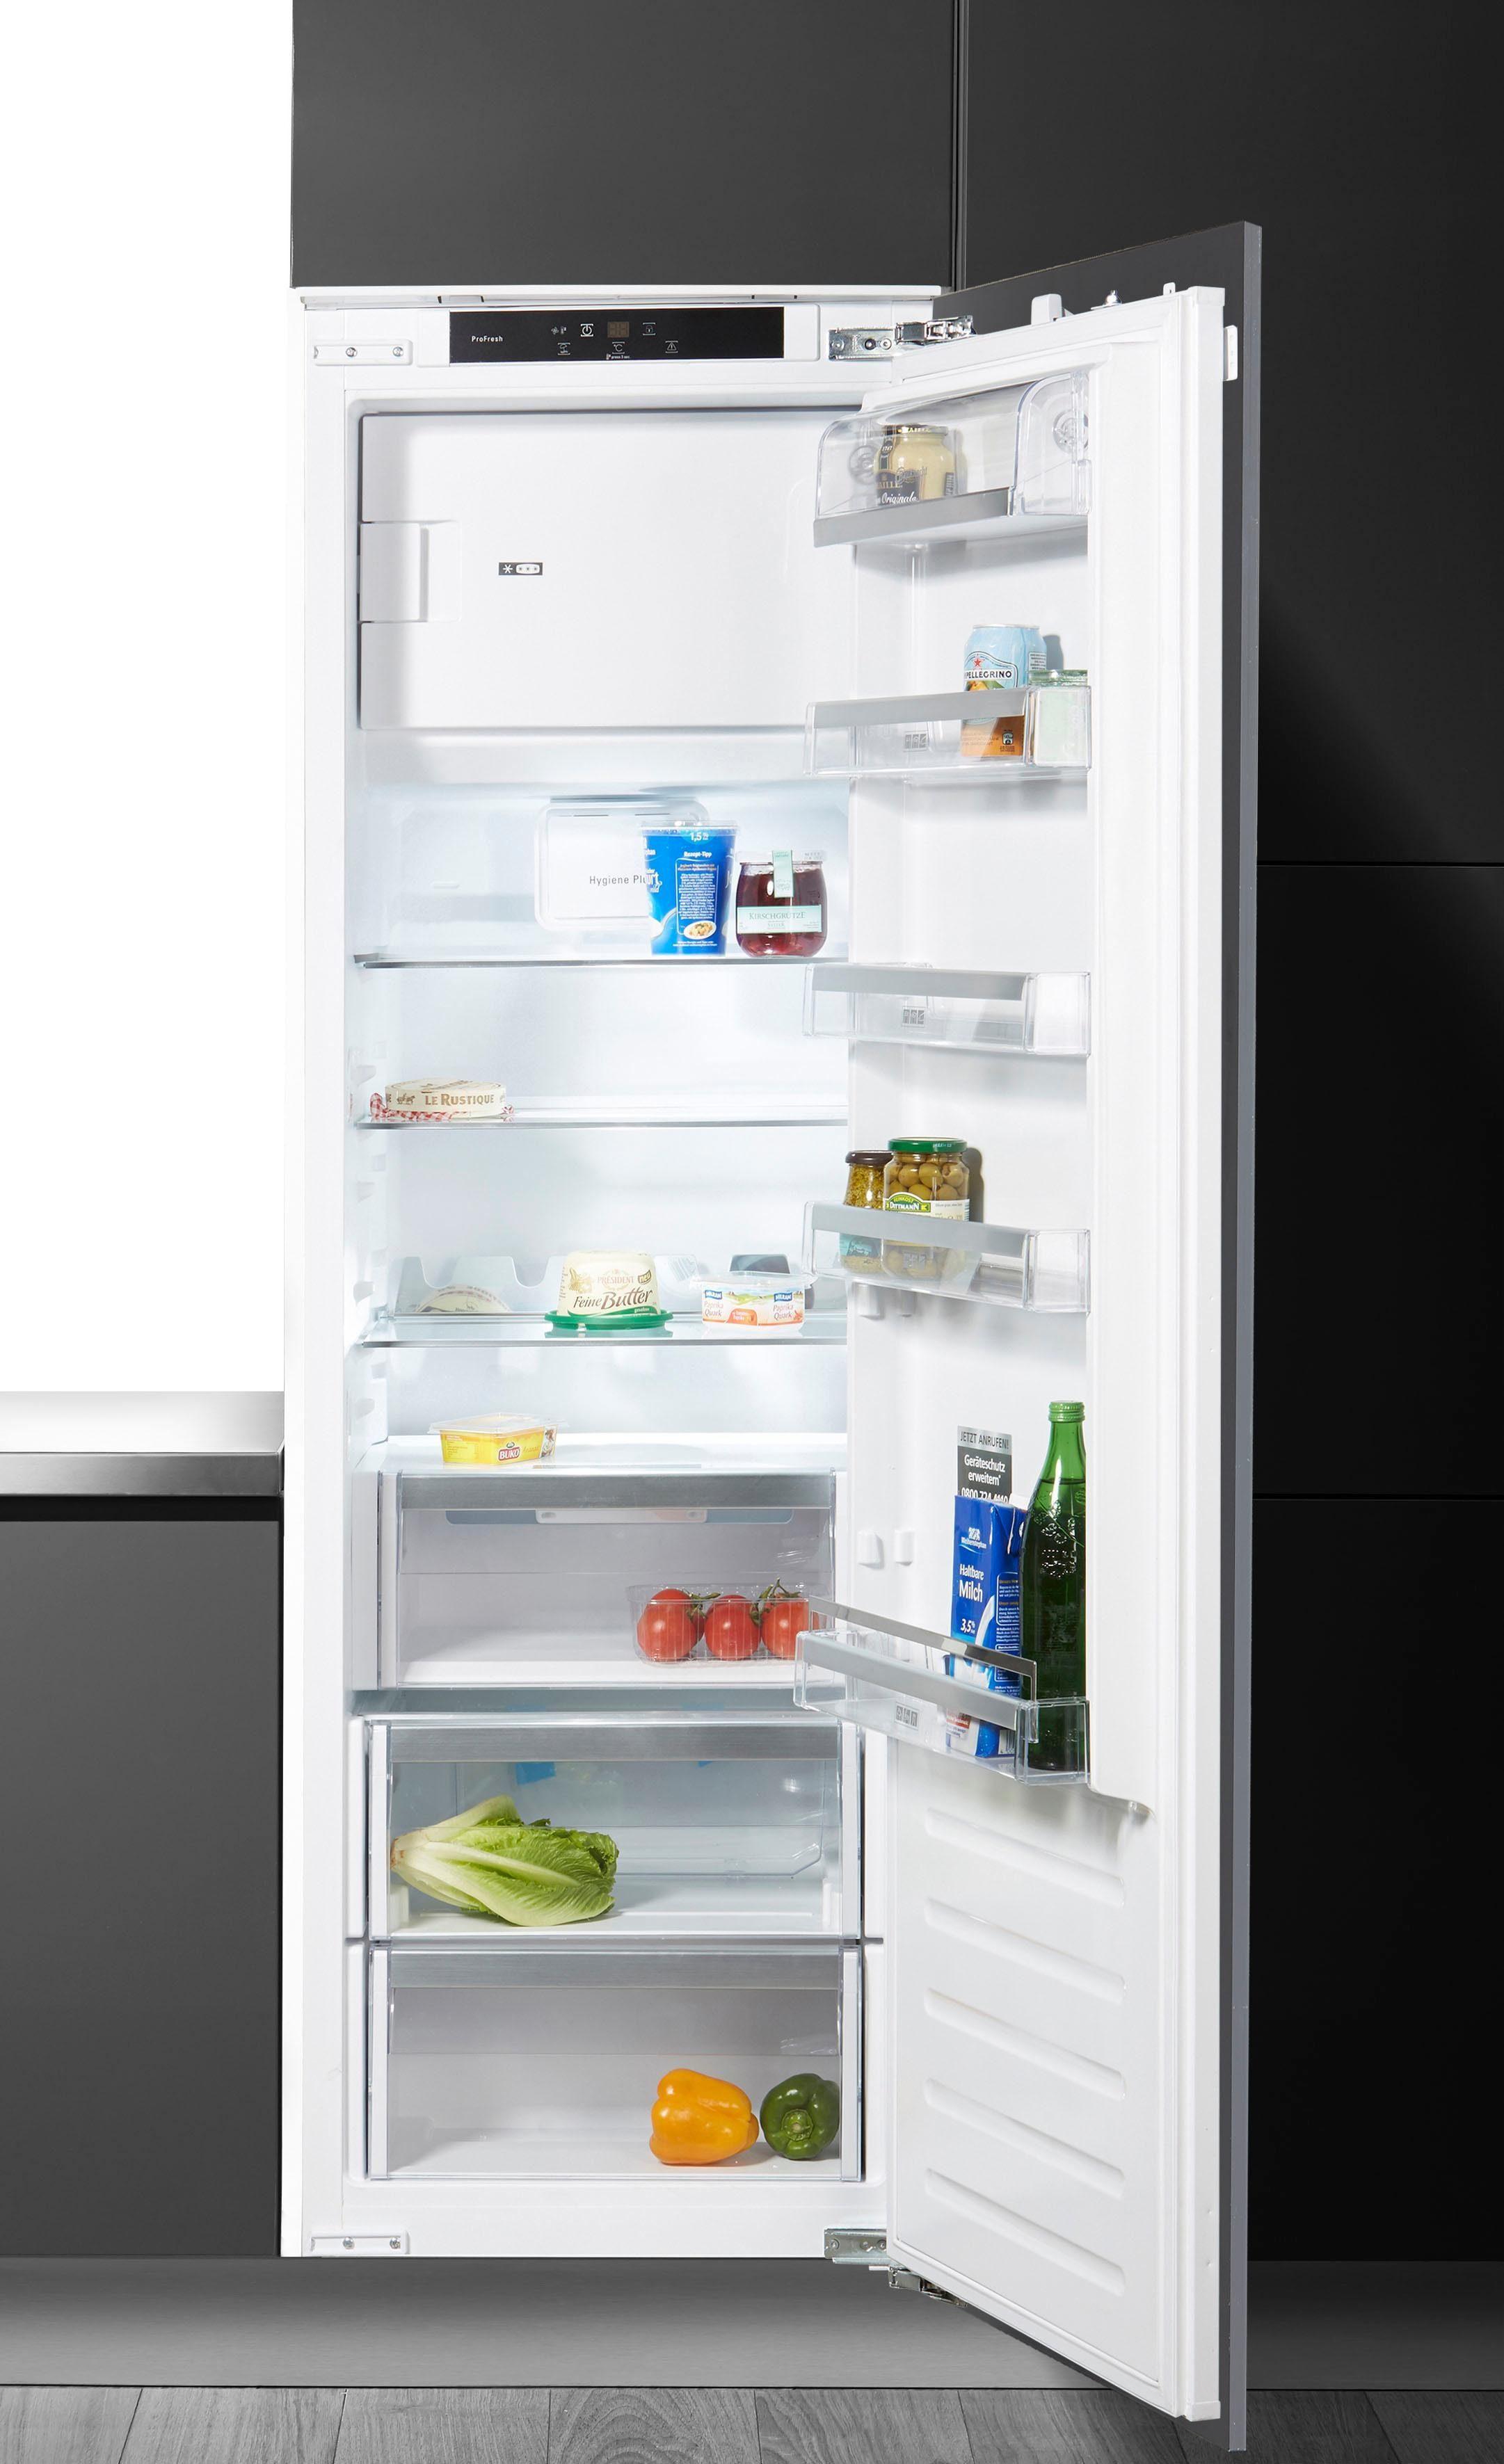 BAUKNECHT Einbaukühlgefrierkombination KVIE 4185 A+++, 177,1 cm hoch, 54,5 cm breit, Energieeffizienzklasse: A+++, 177,1 cm hoch